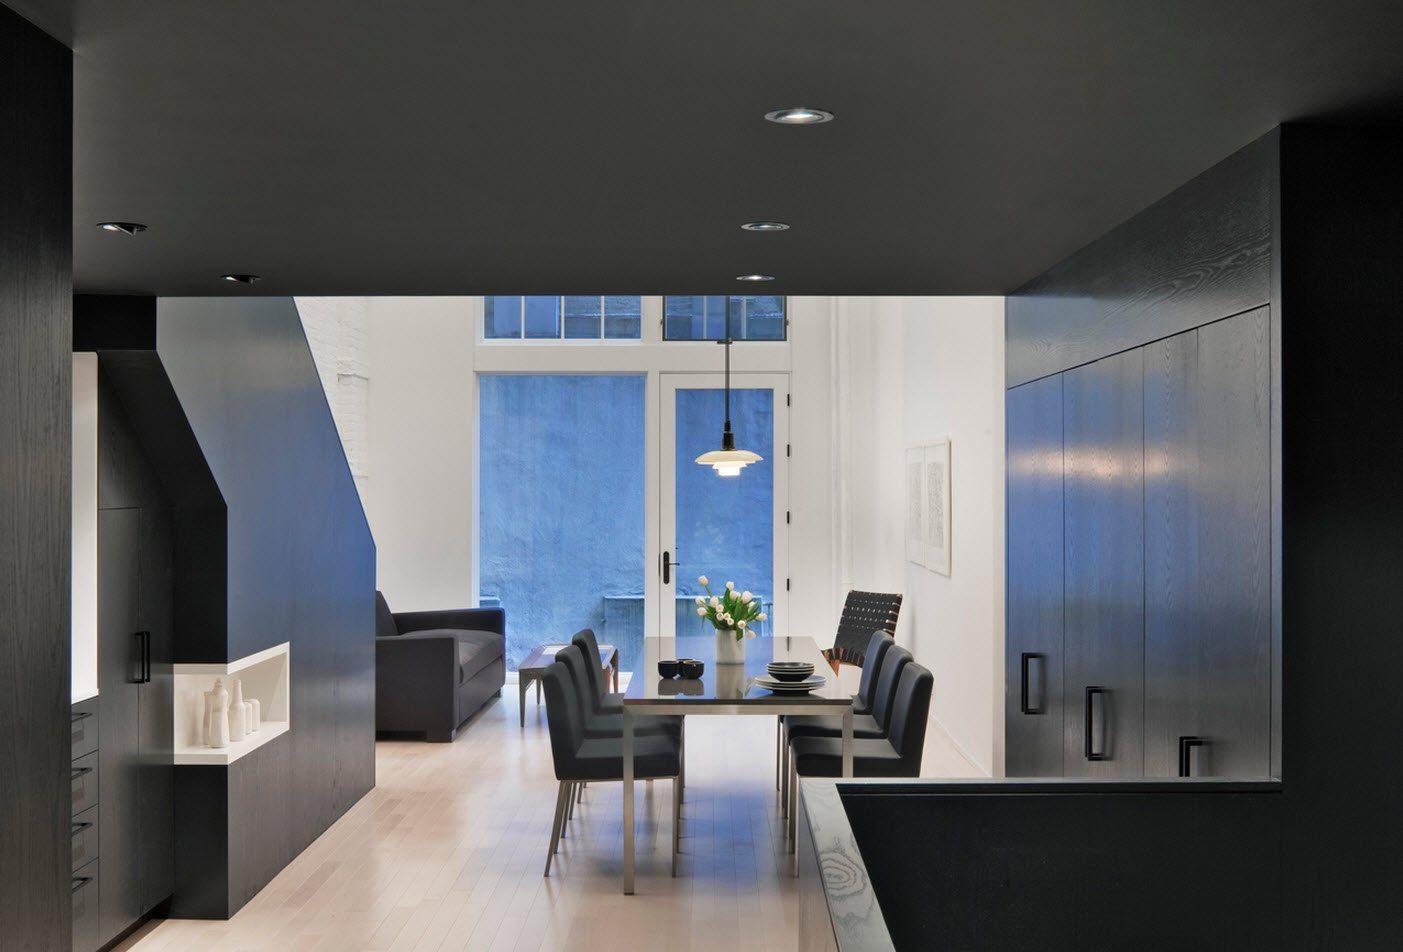 Vista de la sala desde la pequeña cocina del apartamento